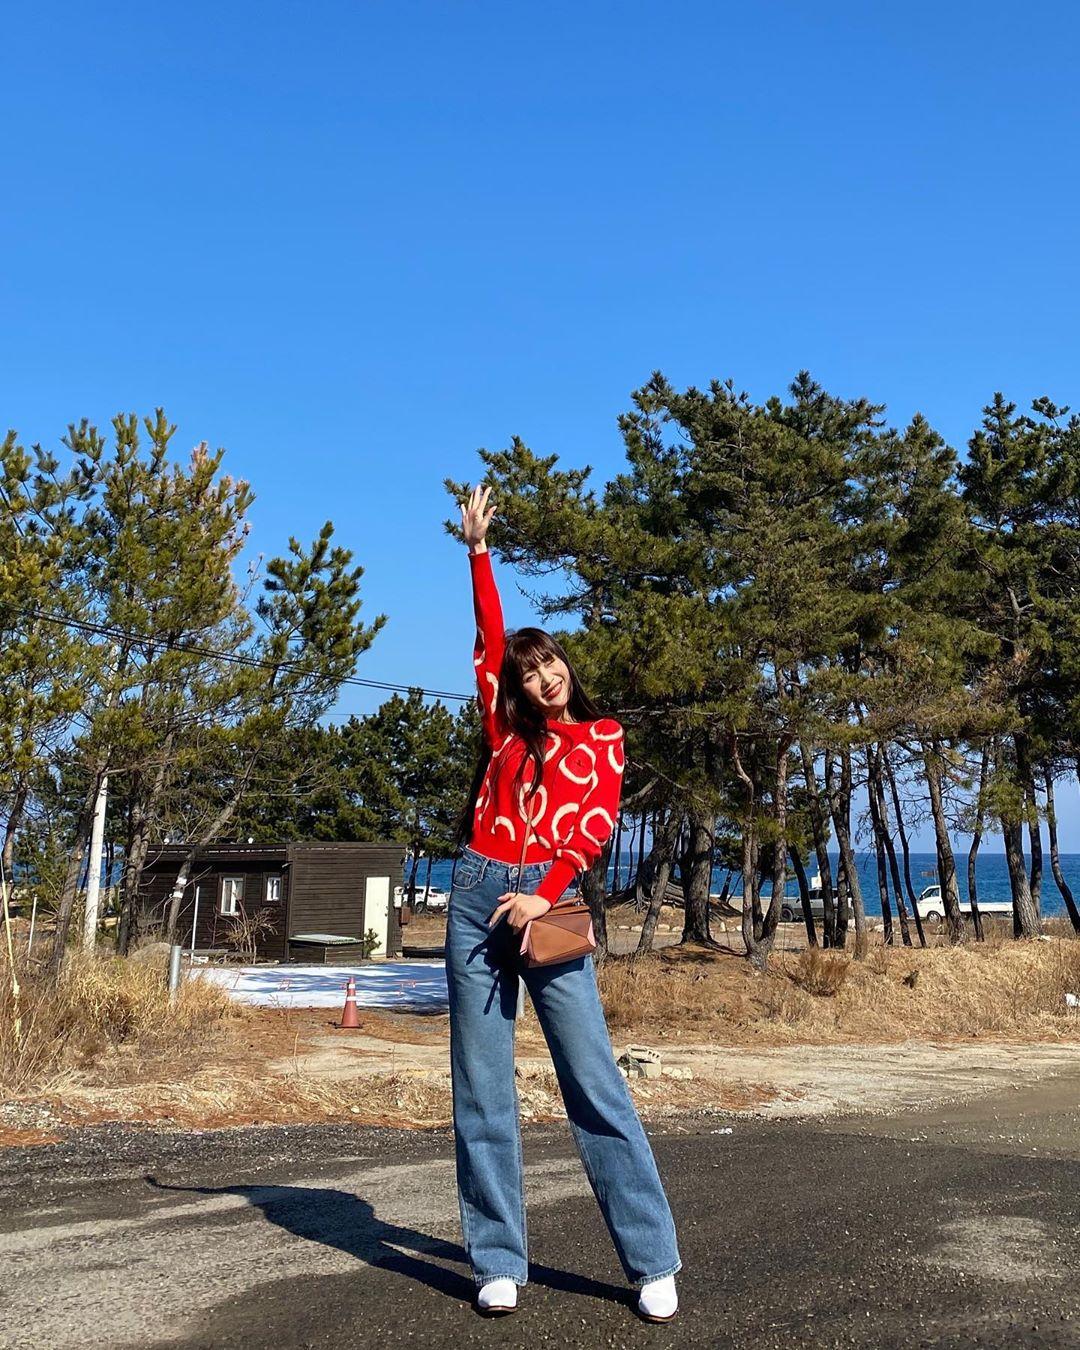 Joy mặc áo đỏ in họa tiết và quần jeans ống đứng